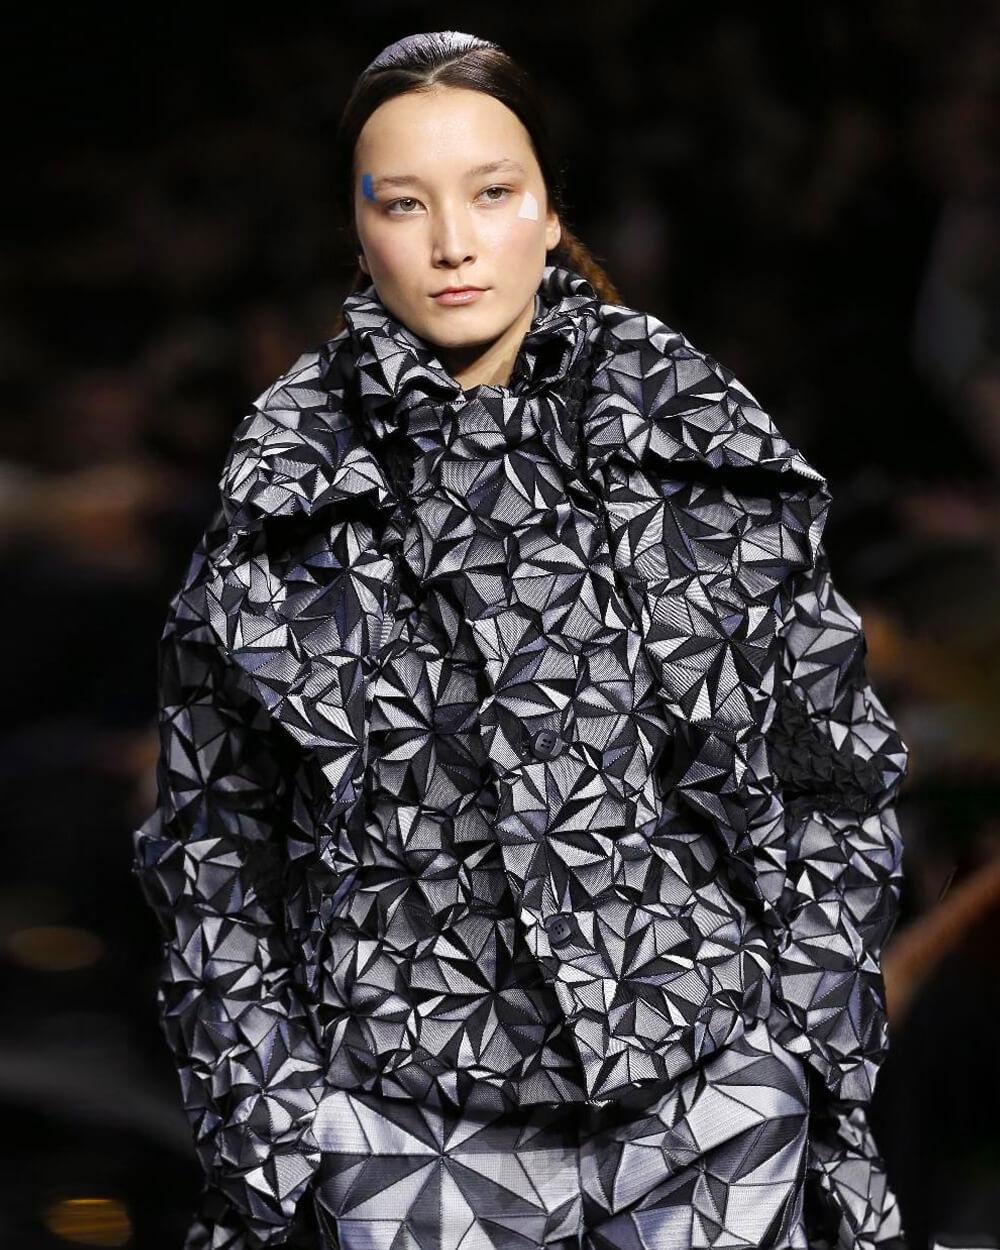 Thời trang Nhật Bản và những bước tiến tiên phong đổi mới - hình ảnh 10